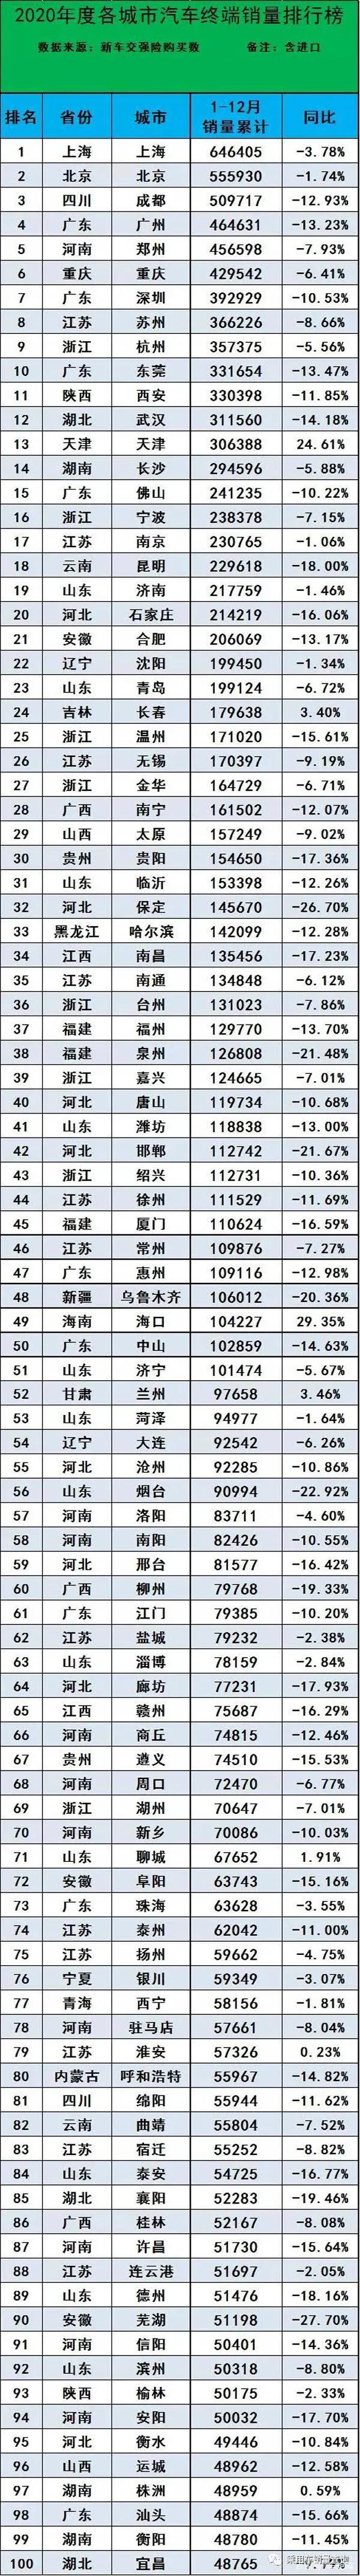 2020年全国城市汽车销量排名:前十广东最多 最后一名全年只卖9辆车